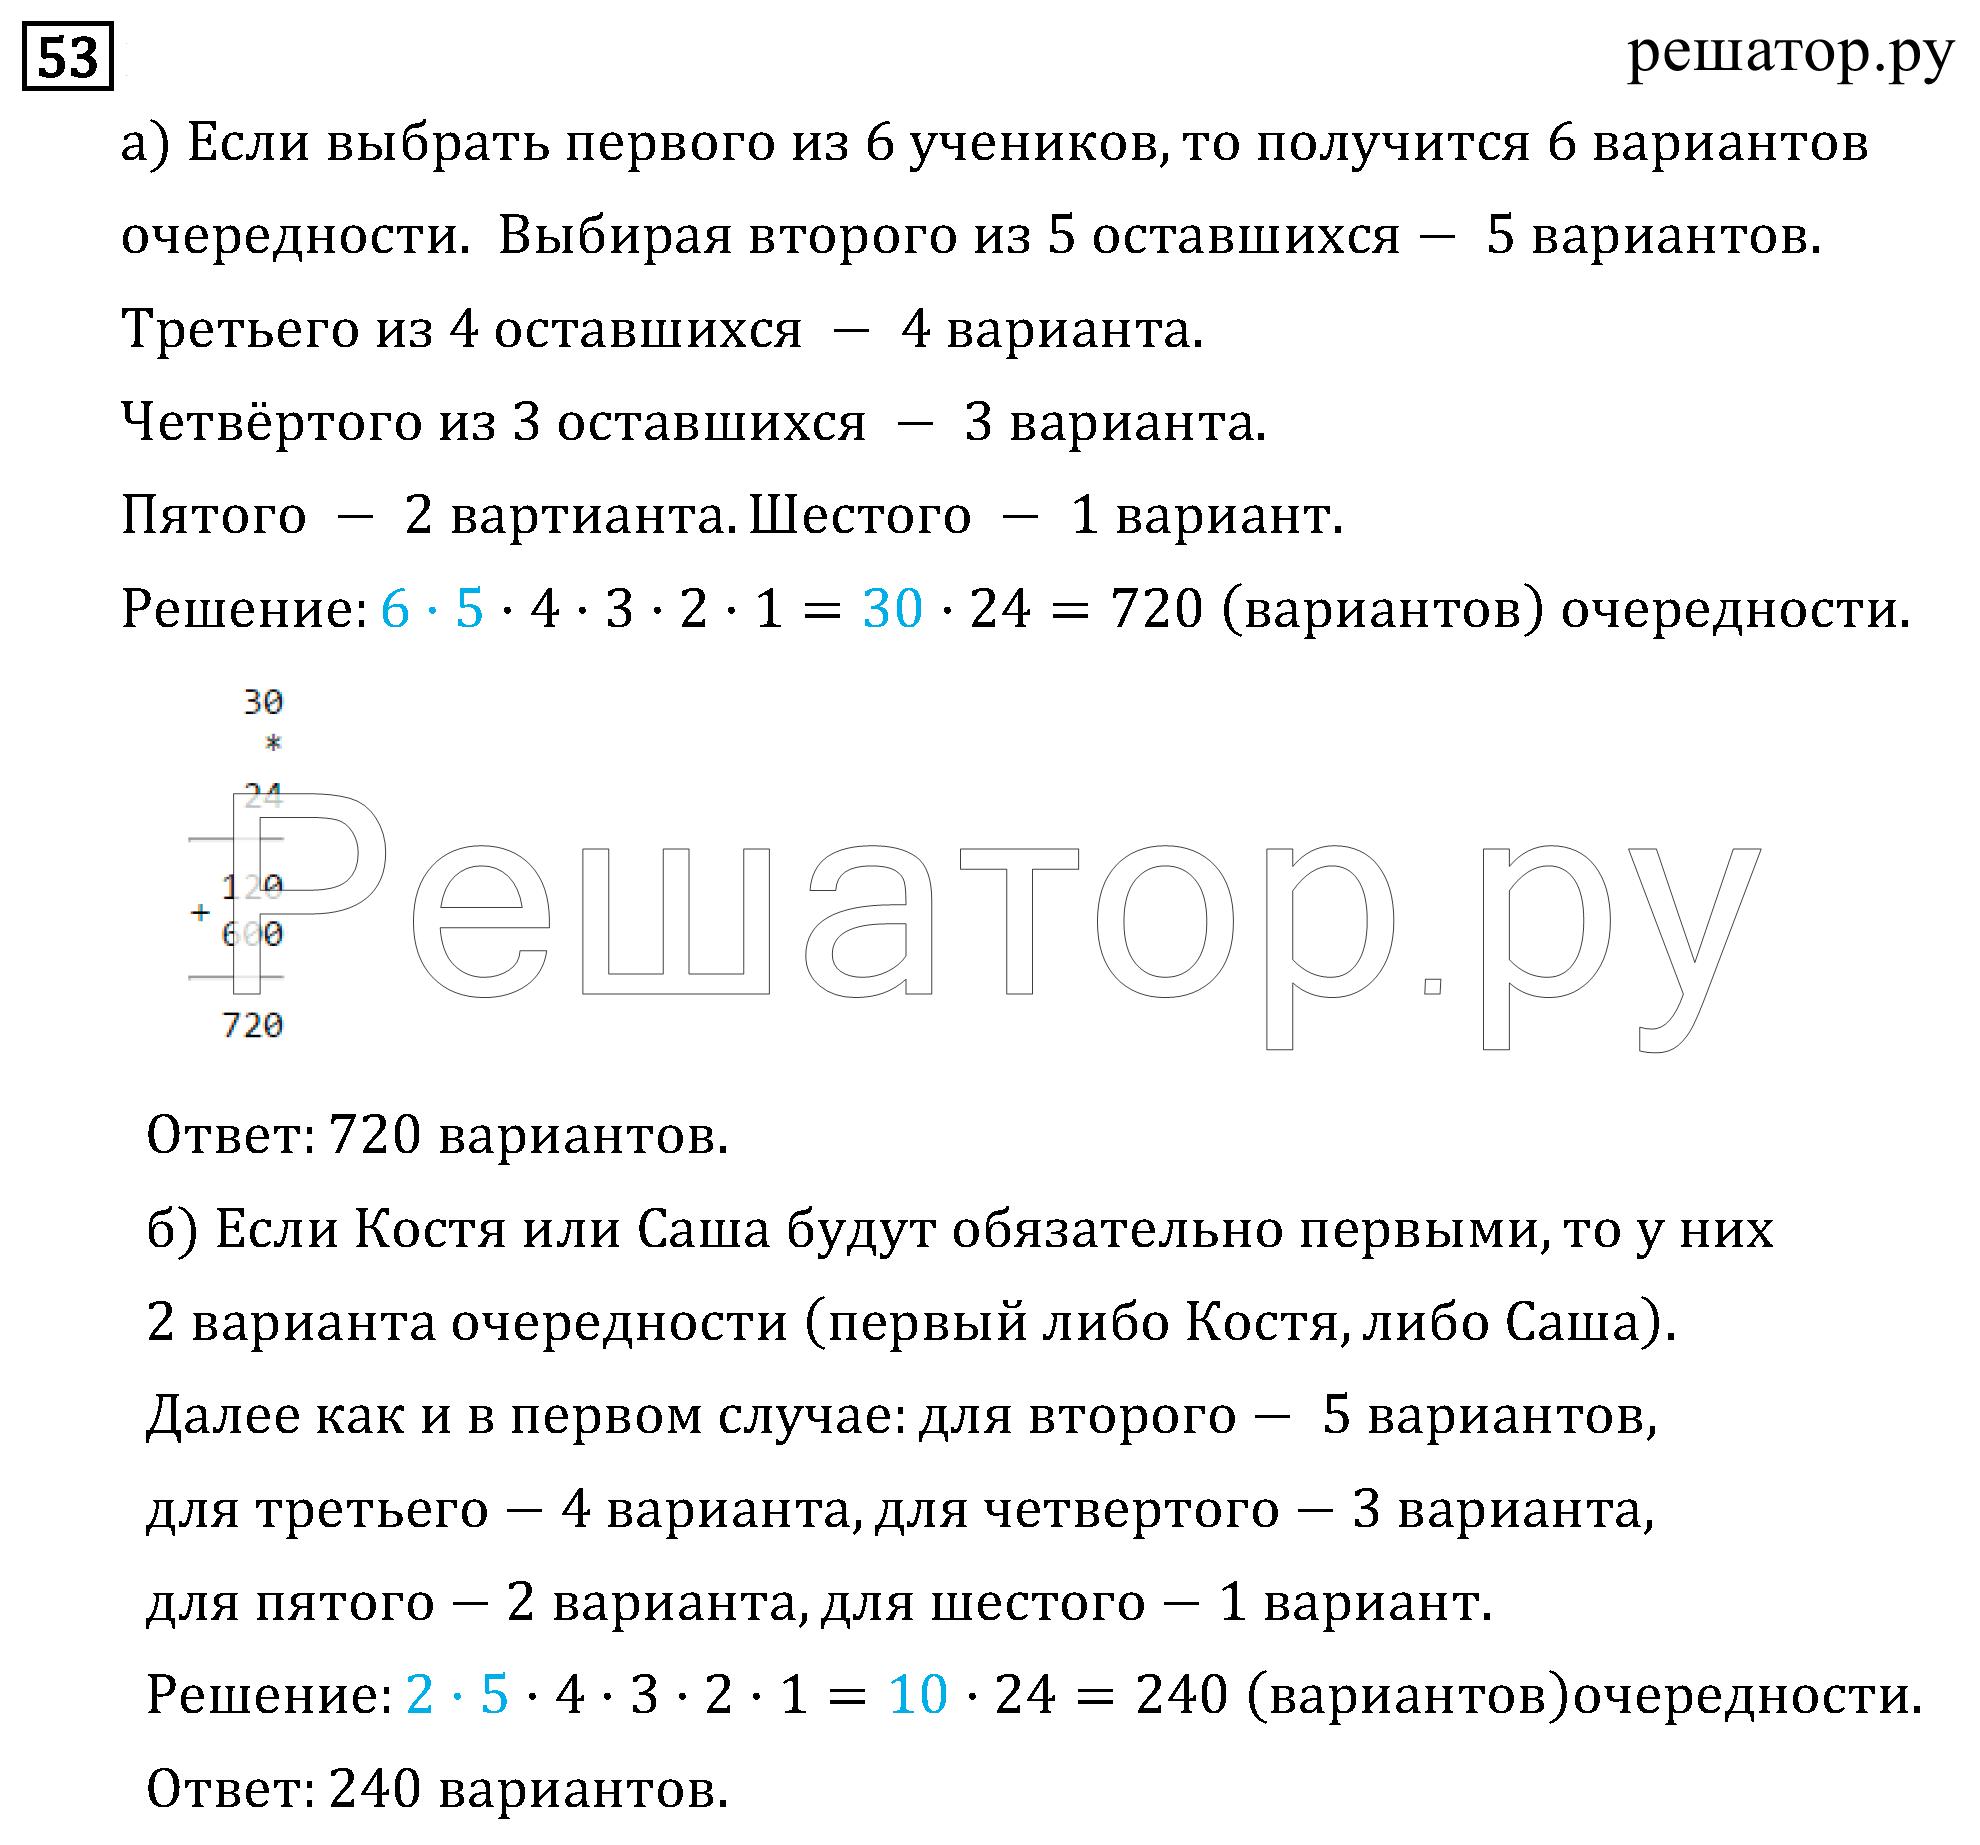 гдз по математике 6 класс вопросы